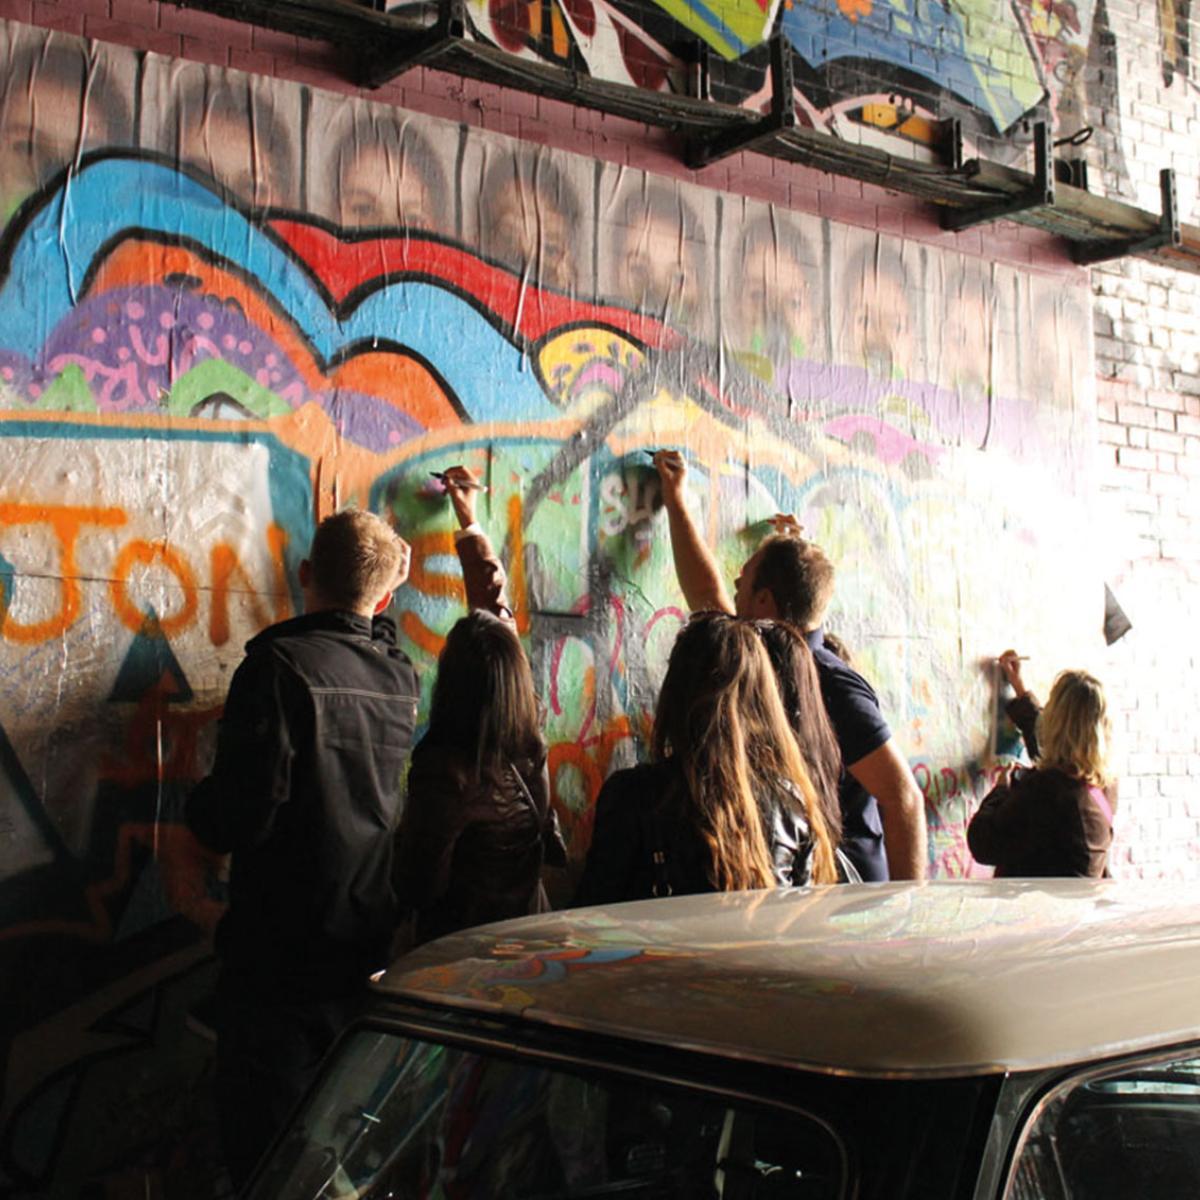 Graffiti in an Urban Area of London